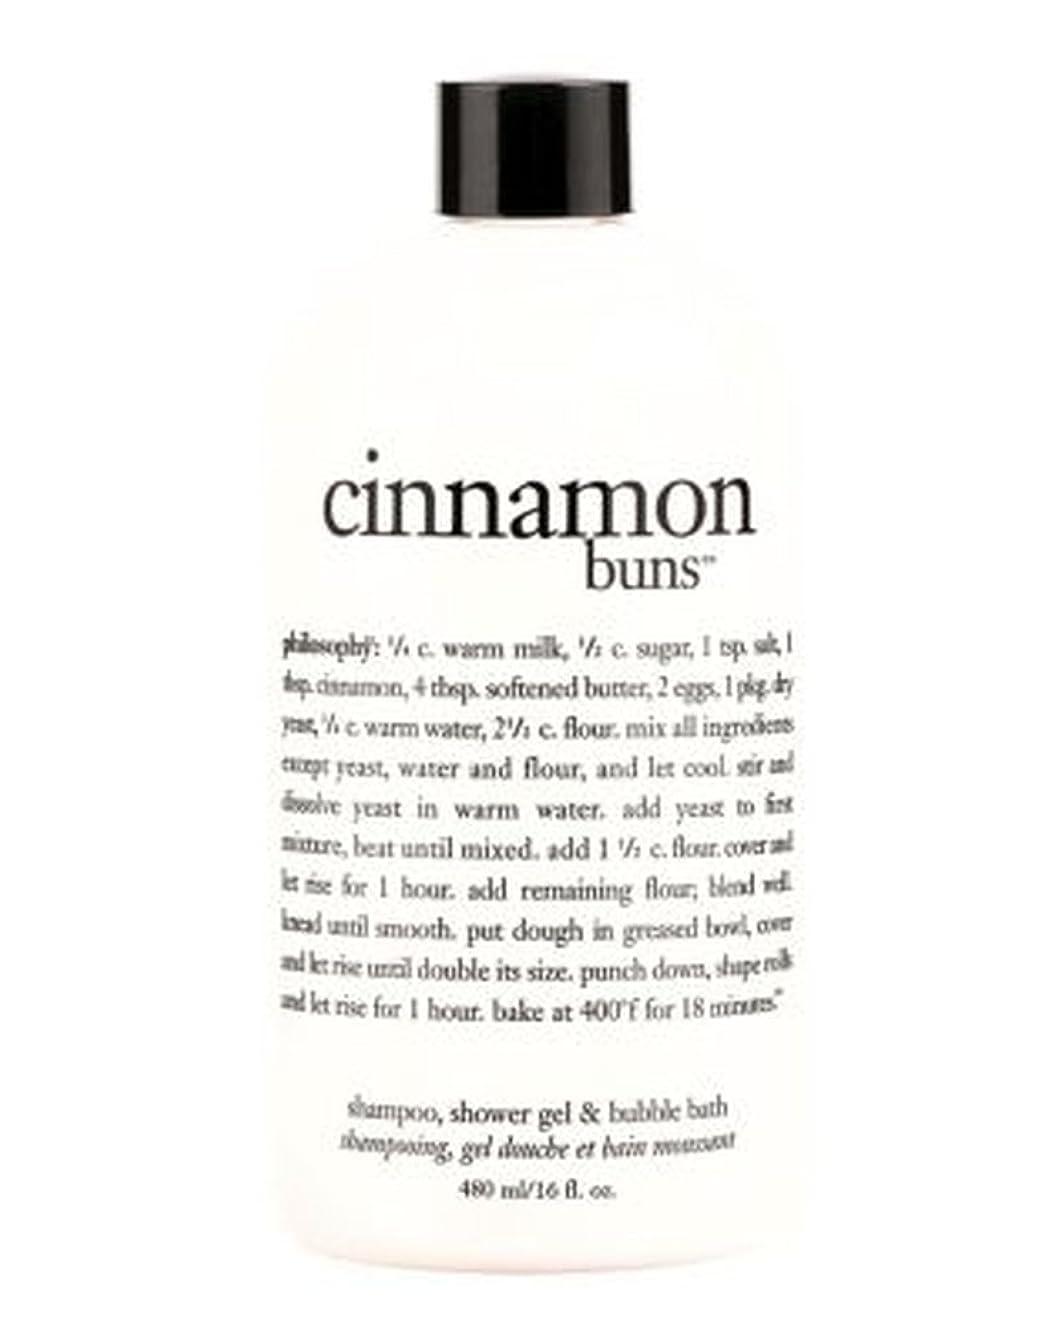 添加剤ビジョン恐怖philosophy cinnamon buns 3 in 1 shampoo, shower gel & bubble bath 480ml - 1シャンプー、シャワージェル&バブルバス480ミリリットルで哲学シナモンバンズ3 (Philosophy) [並行輸入品]